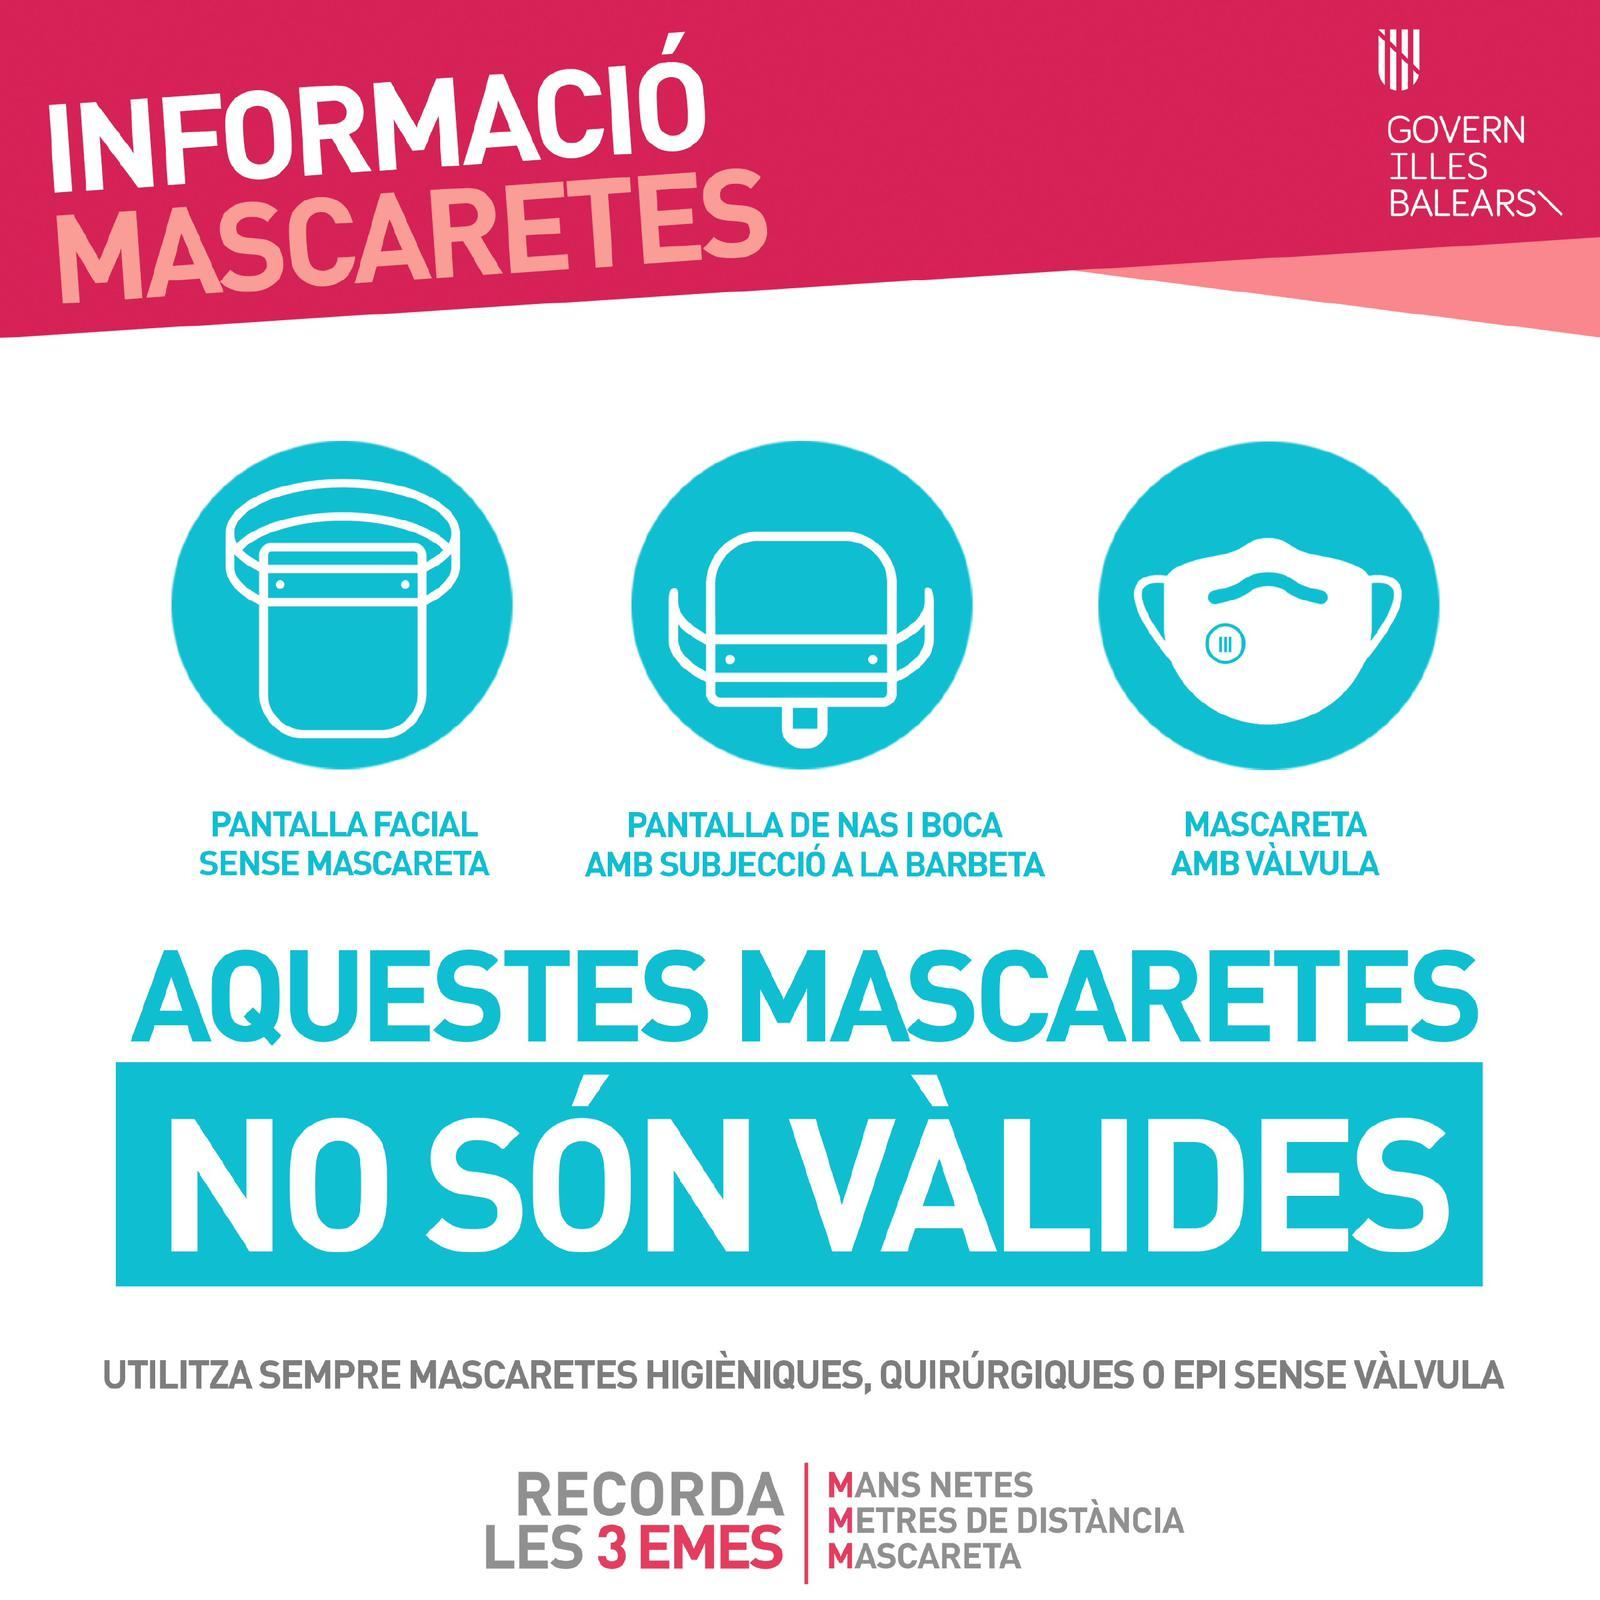 AQUESTES MASCARETES NO SÓN VÀLIDES